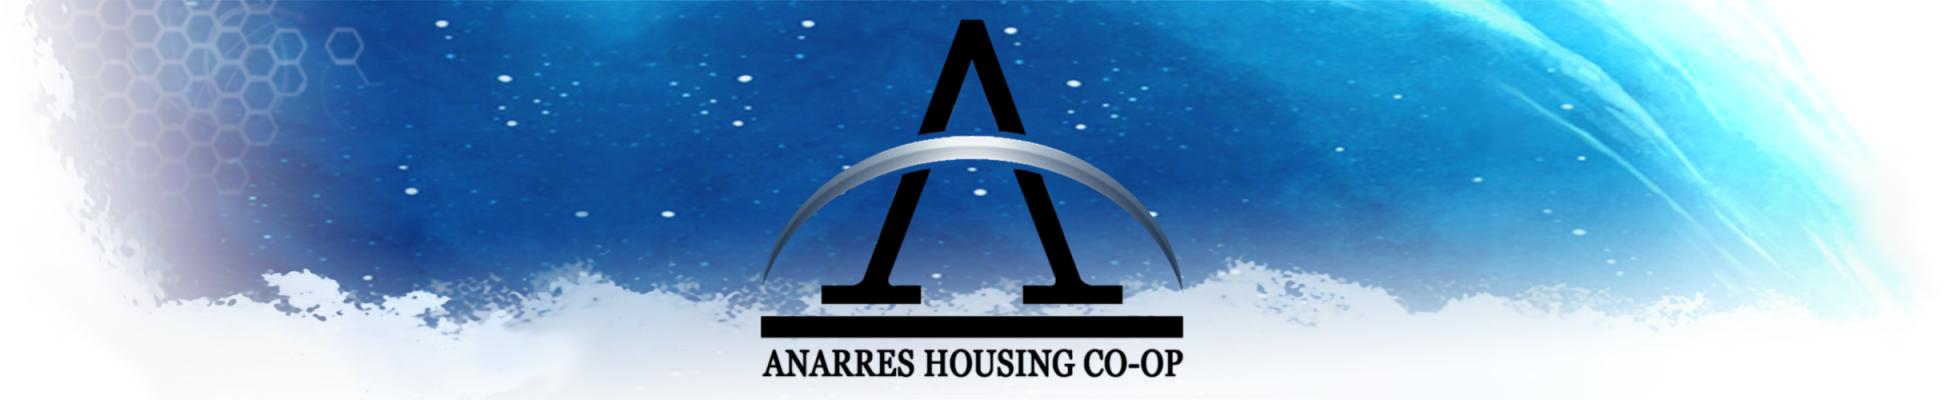 Anarres Housing Co-op